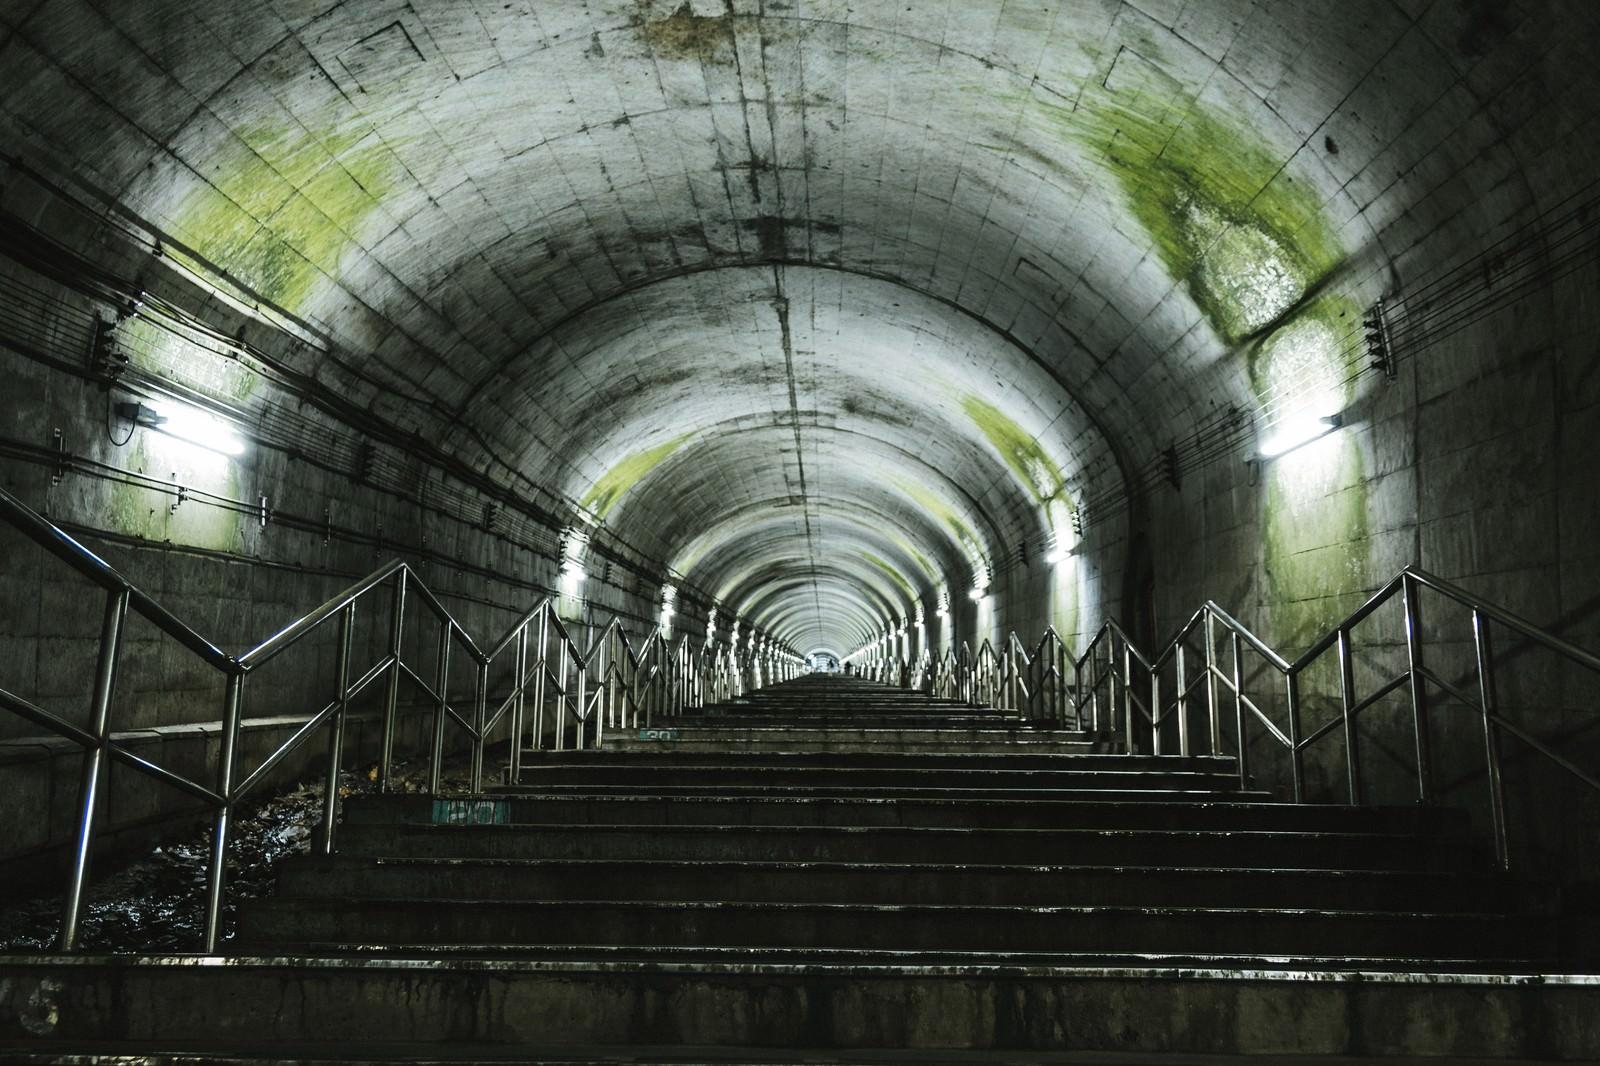 「トンネルの天井にこびり付いた苔(土合駅の階段)」の写真